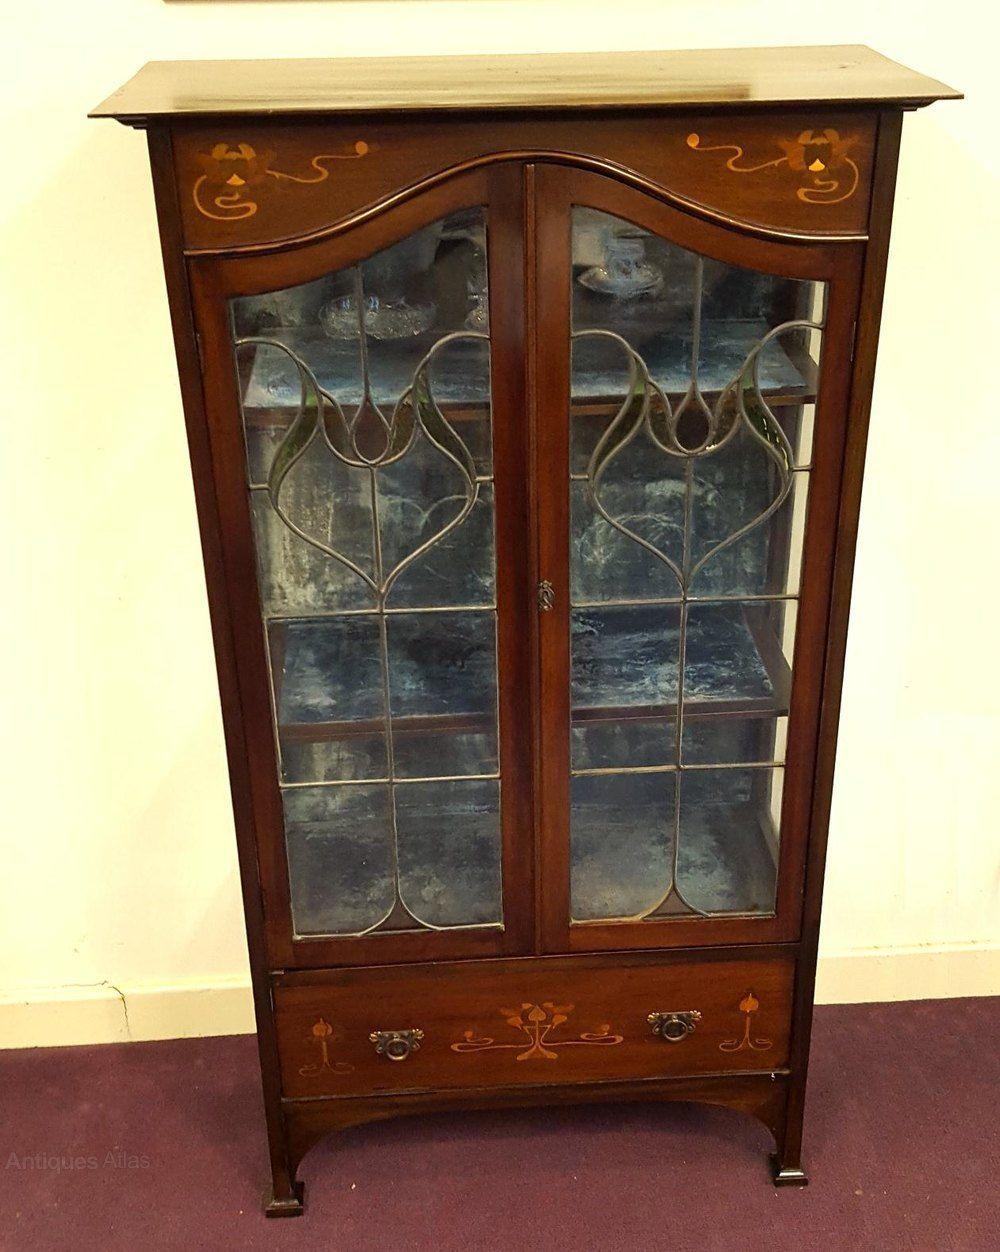 Classic Furniture Display Classic Art Nouveau Display Cabinet Or Bookcase Art Nouveau Furniture Art Nouveau Display Cabinet